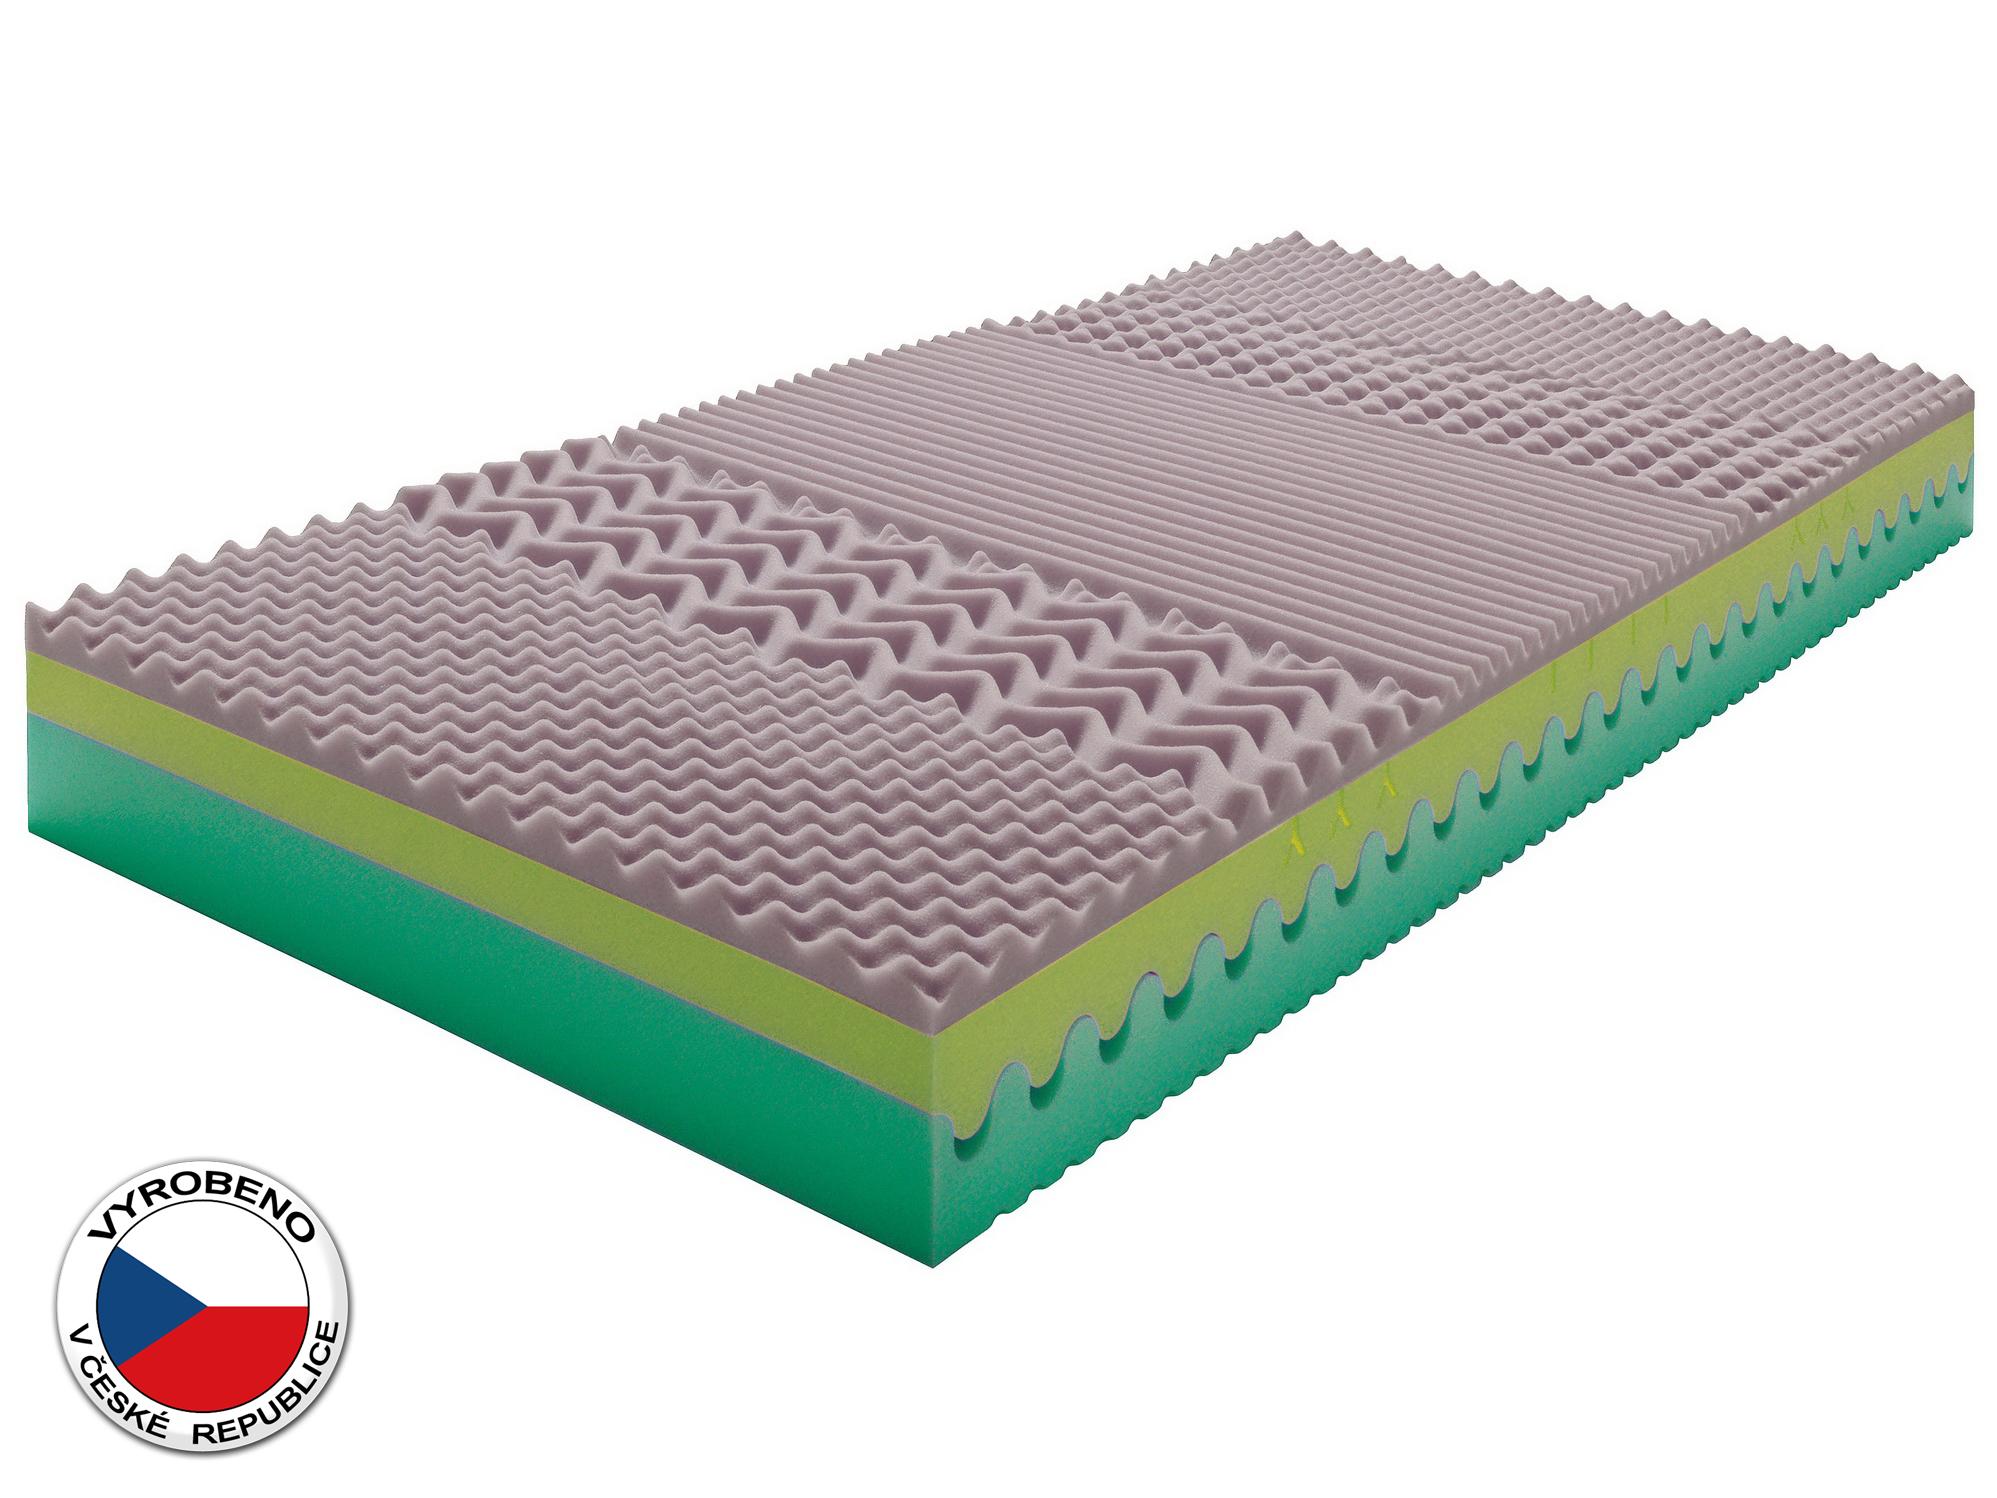 Pěnová matrace - Purtex - Sarah Bio Greenfirst - 200x80 cm (T3). Elastická, oboustranní odolná matrace s dlouhou životností, pět zónovou profilací, která zajišťuje uvolnění svalstva během spánku a s dopravou zdarma.